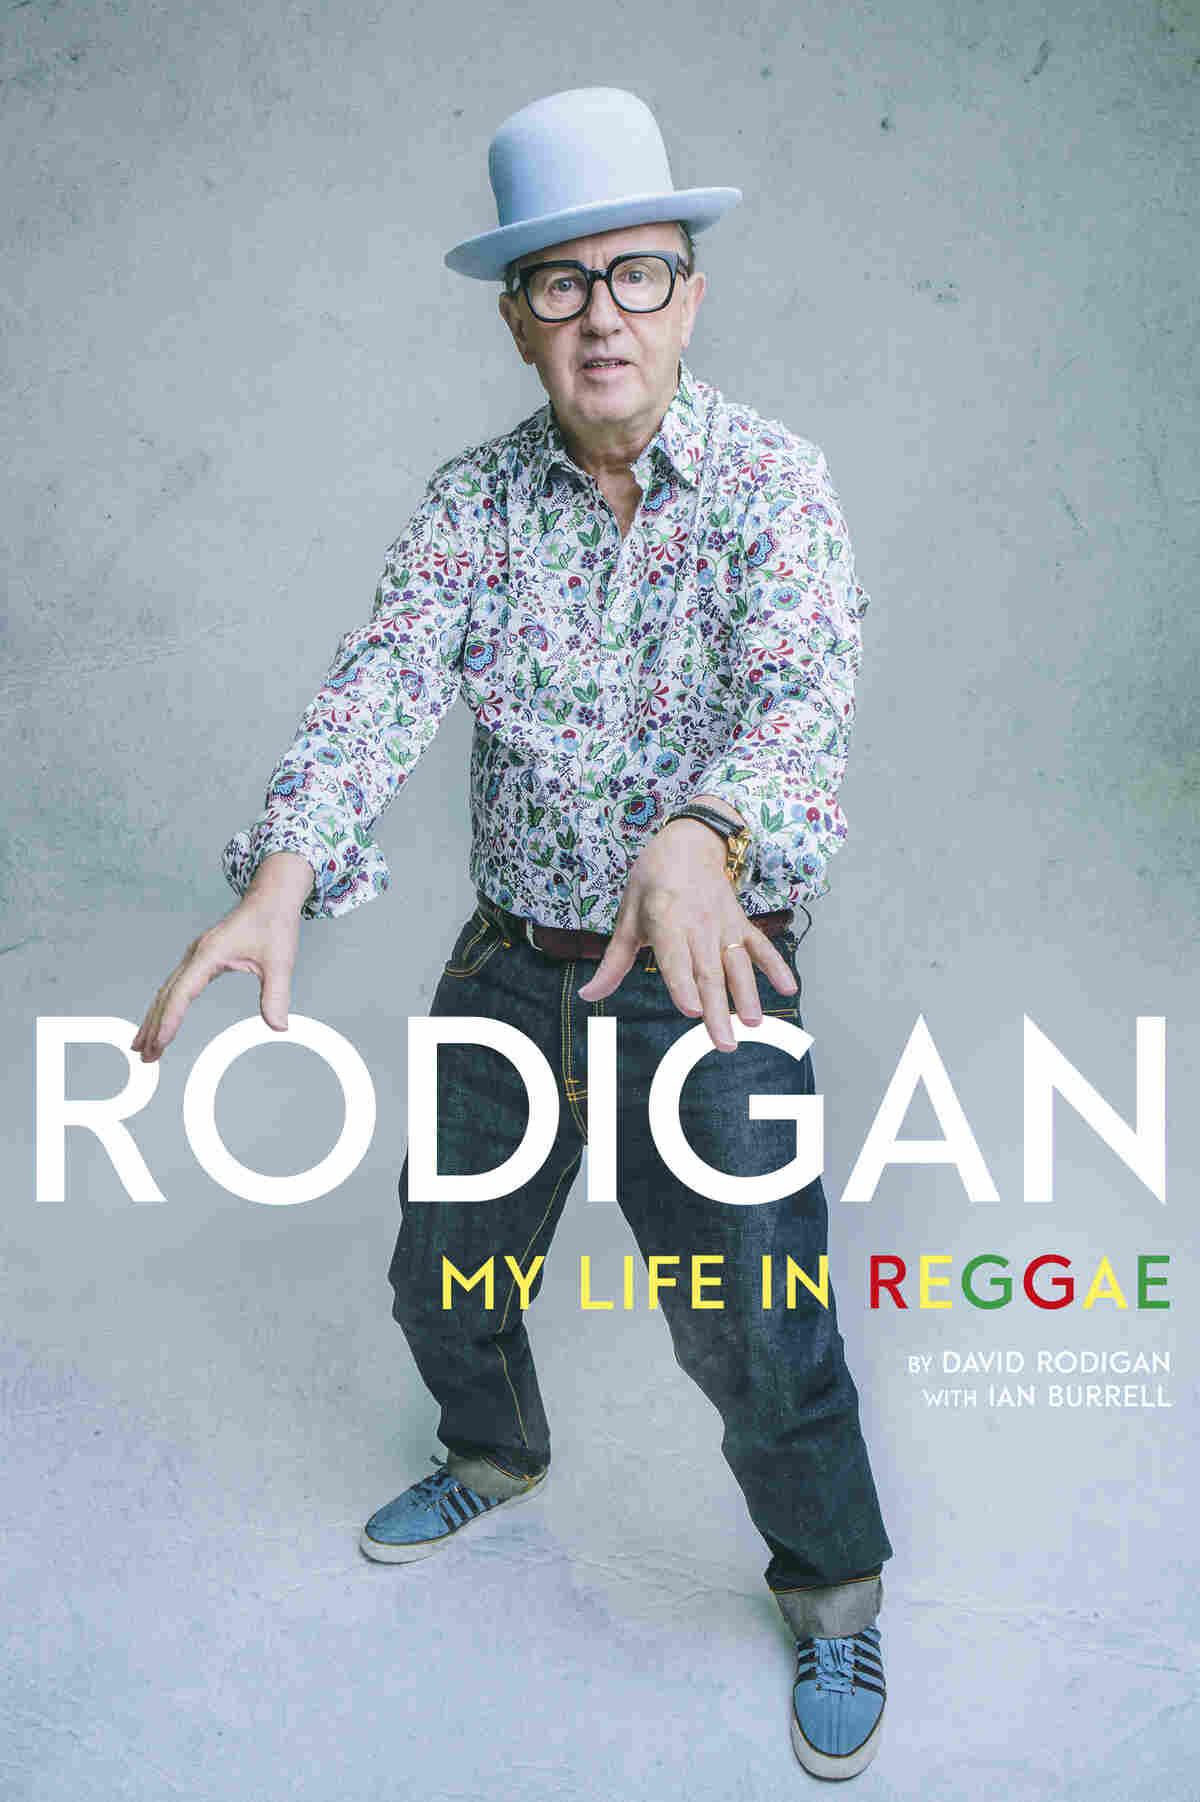 David Rodigan's My Life in Reggae.